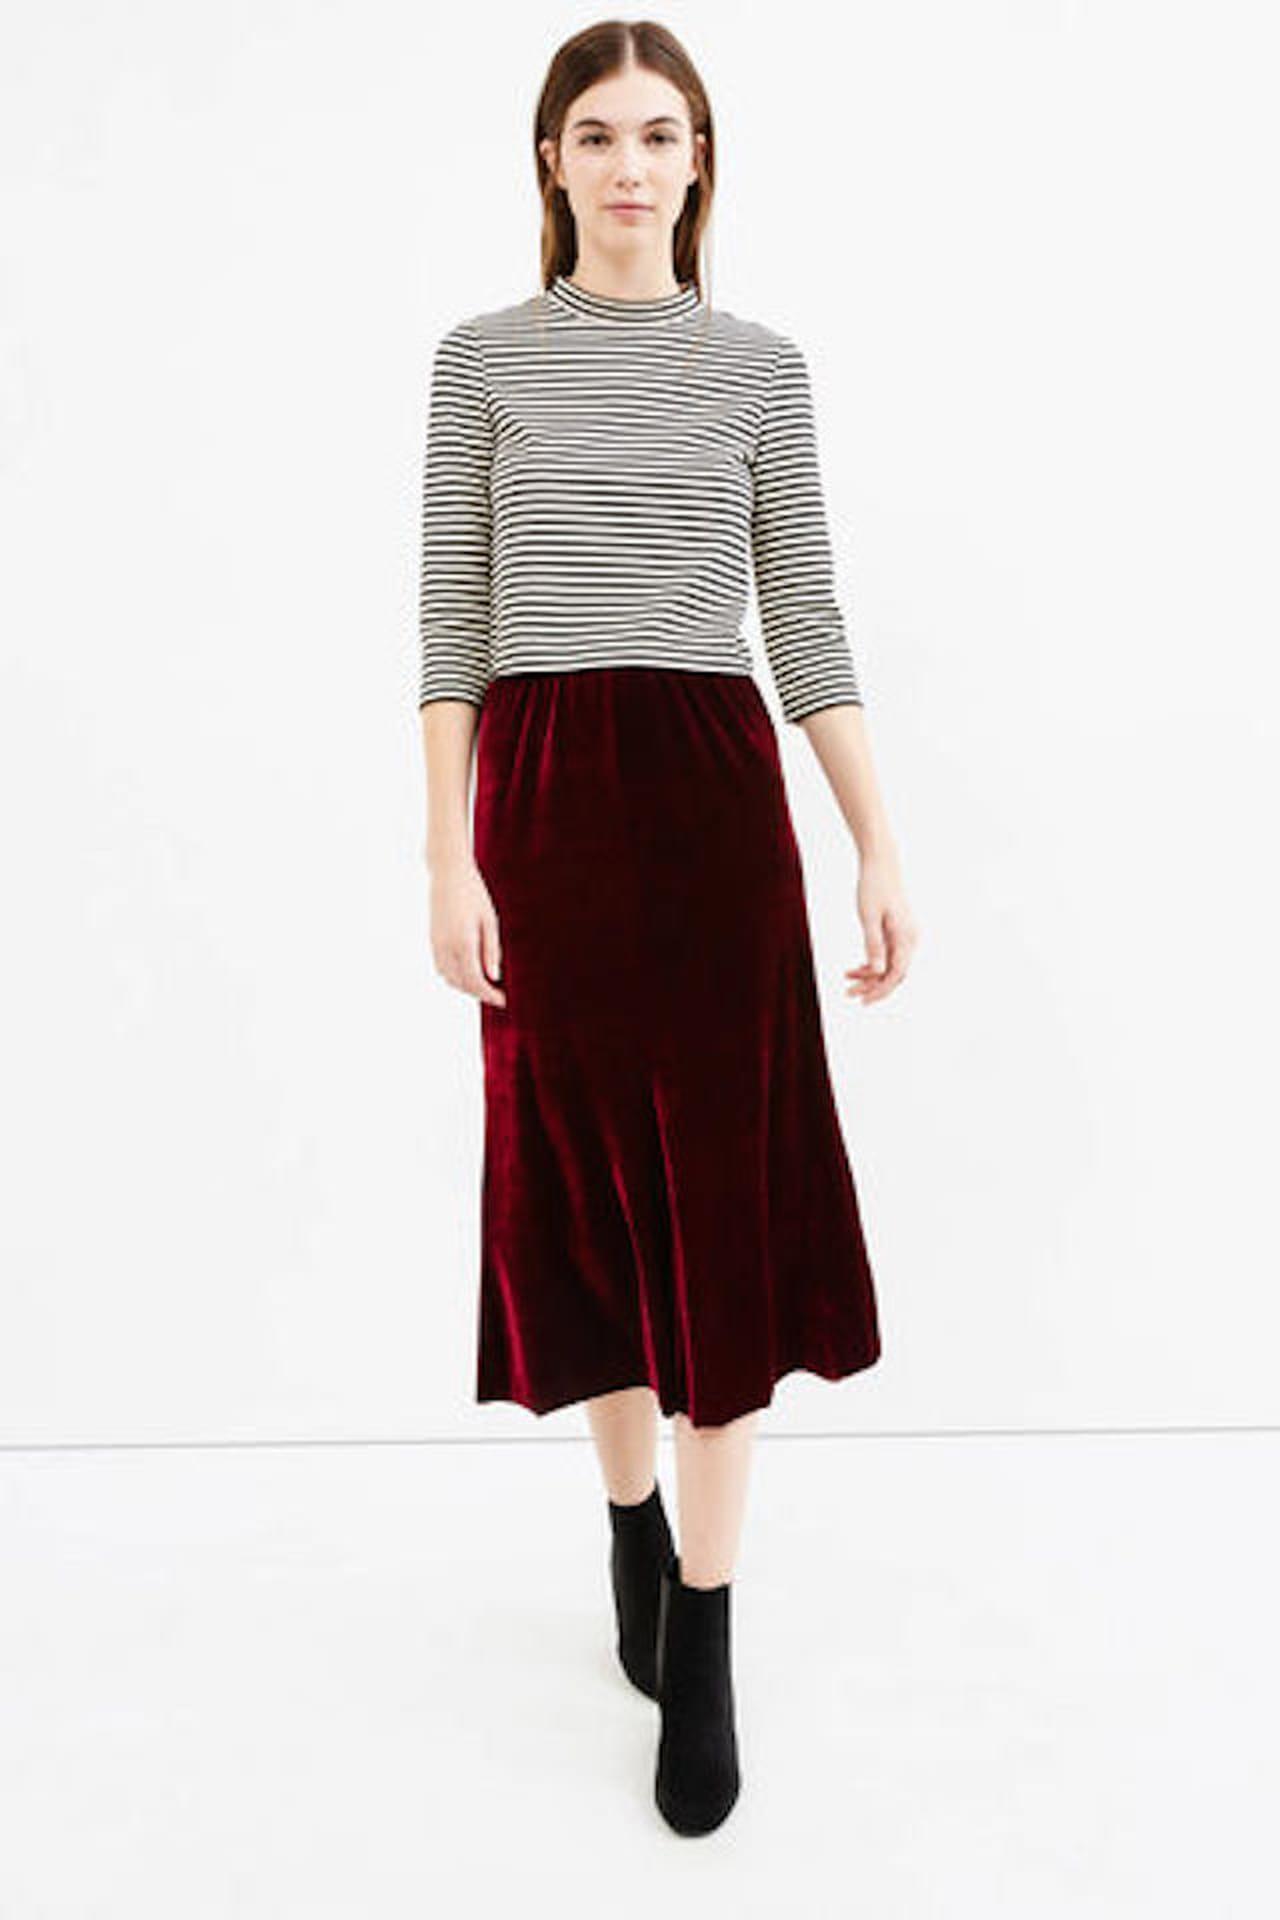 Souvent Outfit gonna lunga: consigli per non sbagliare YZ15